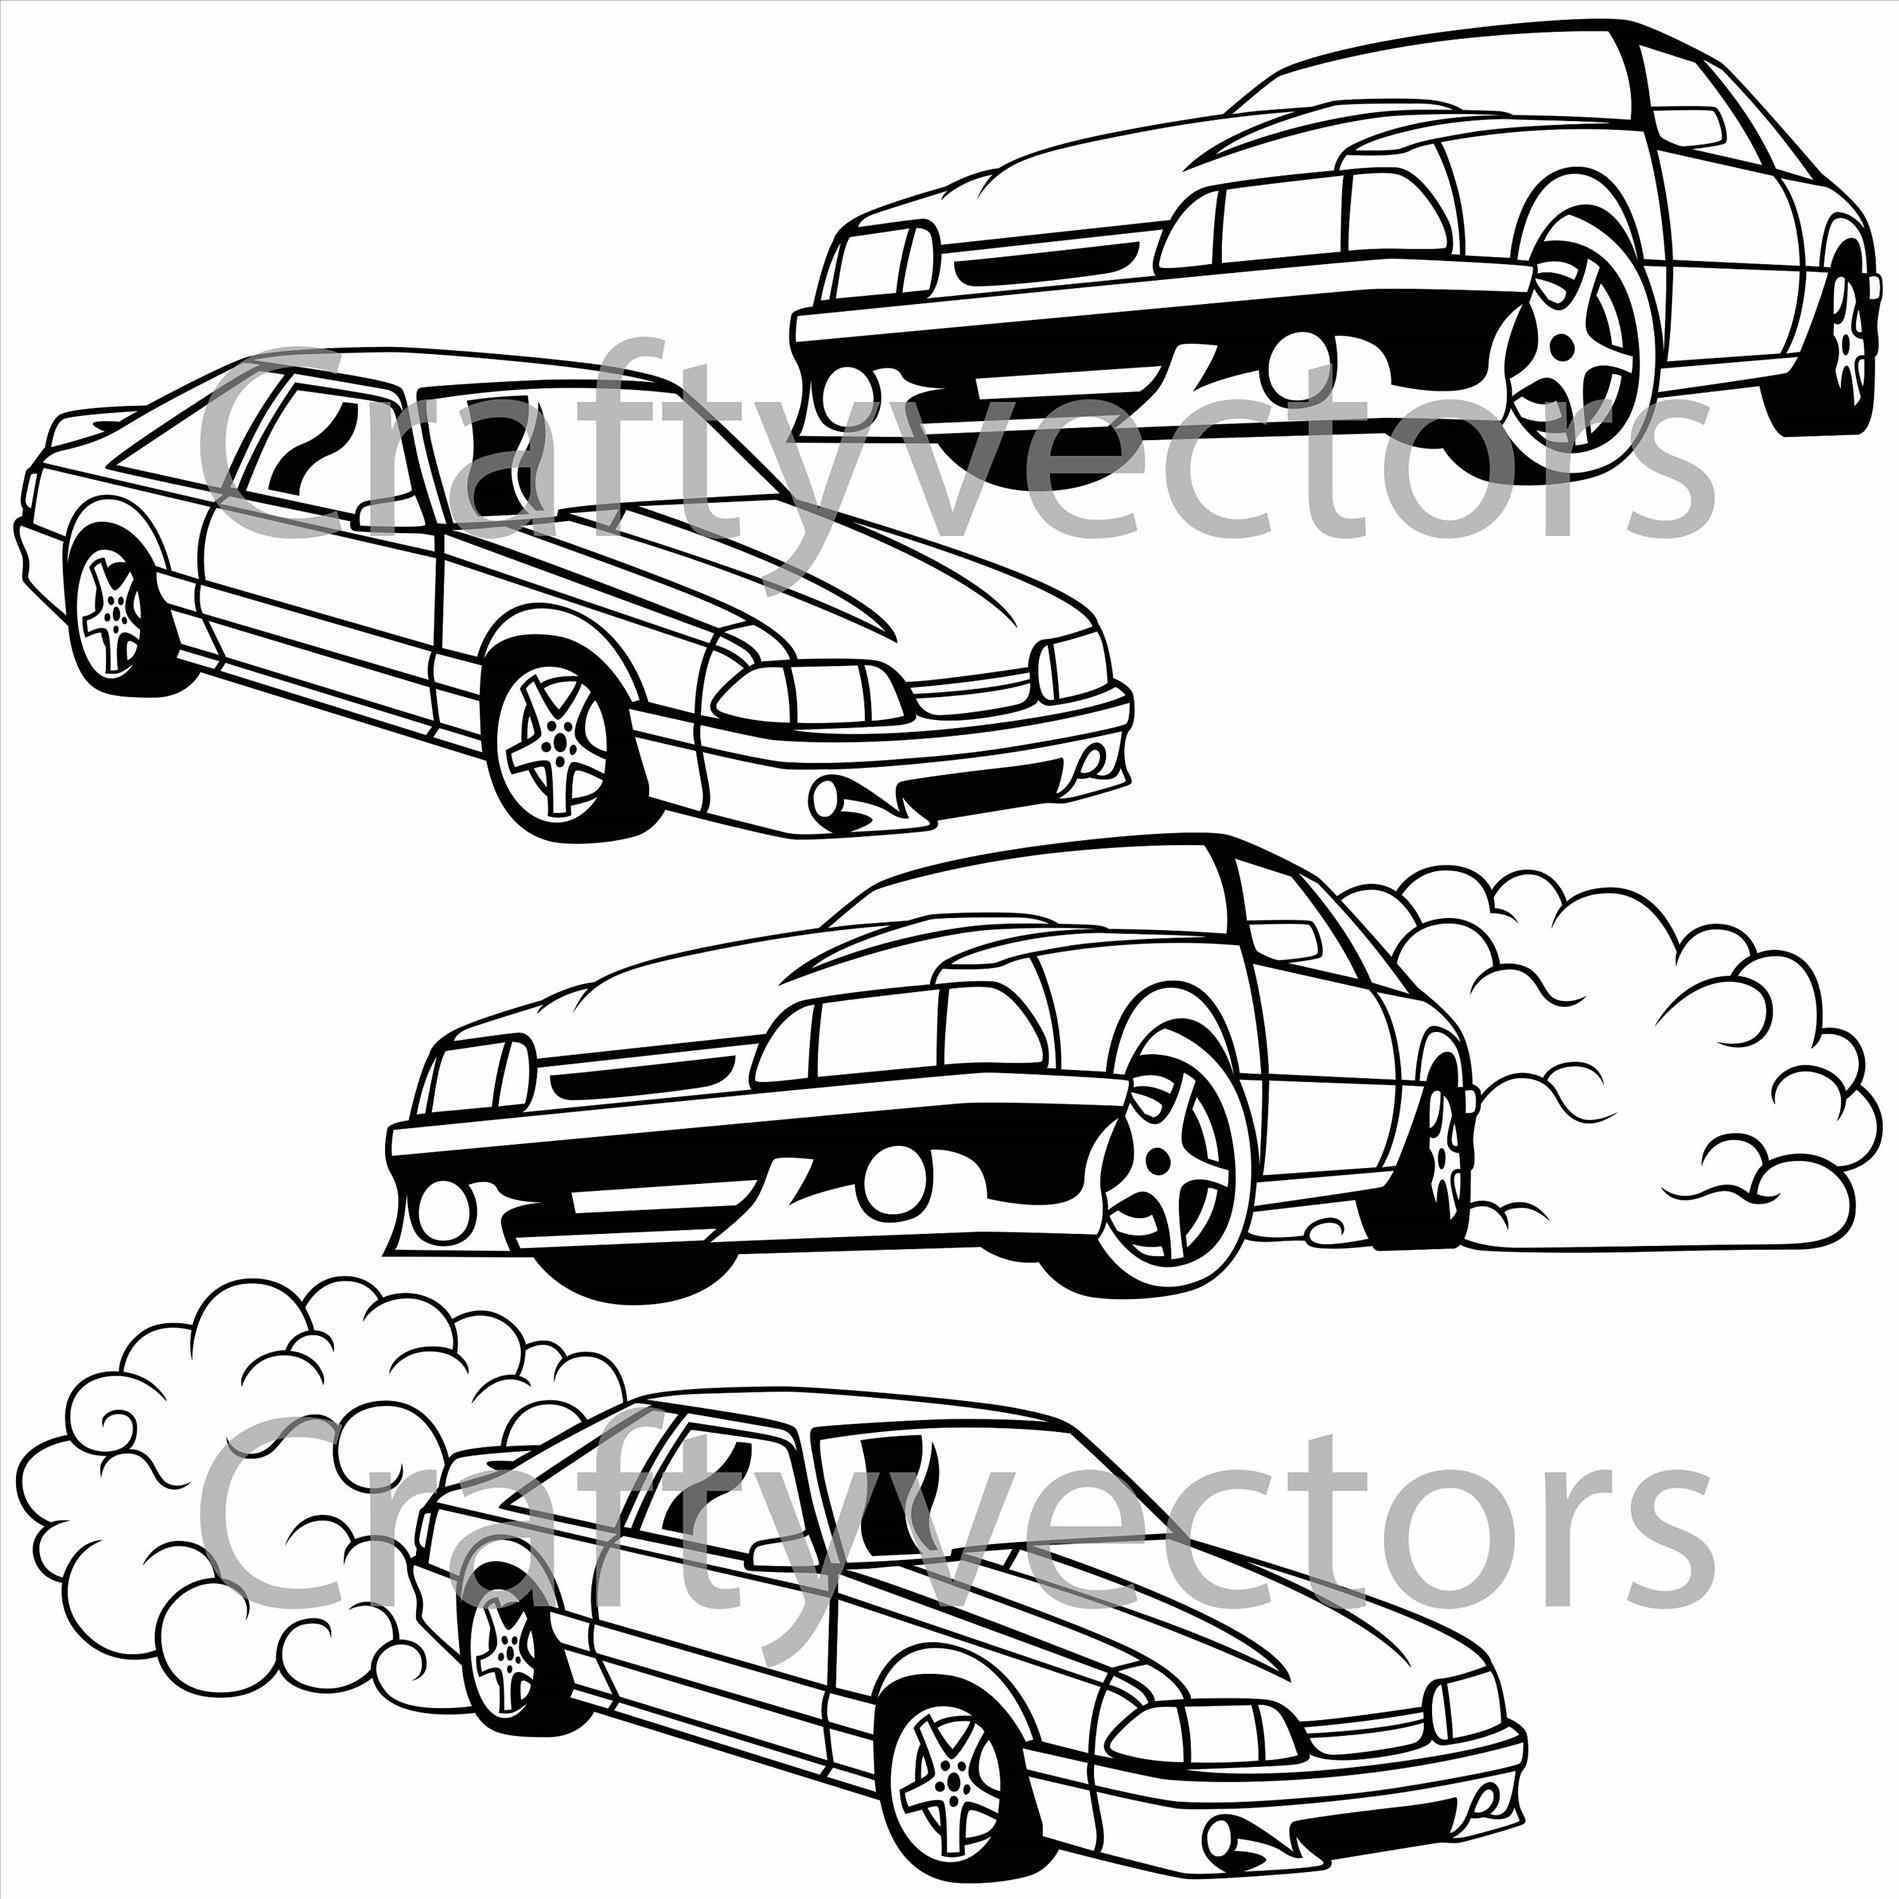 ausmalbilder cars kostenlos ausdrucken